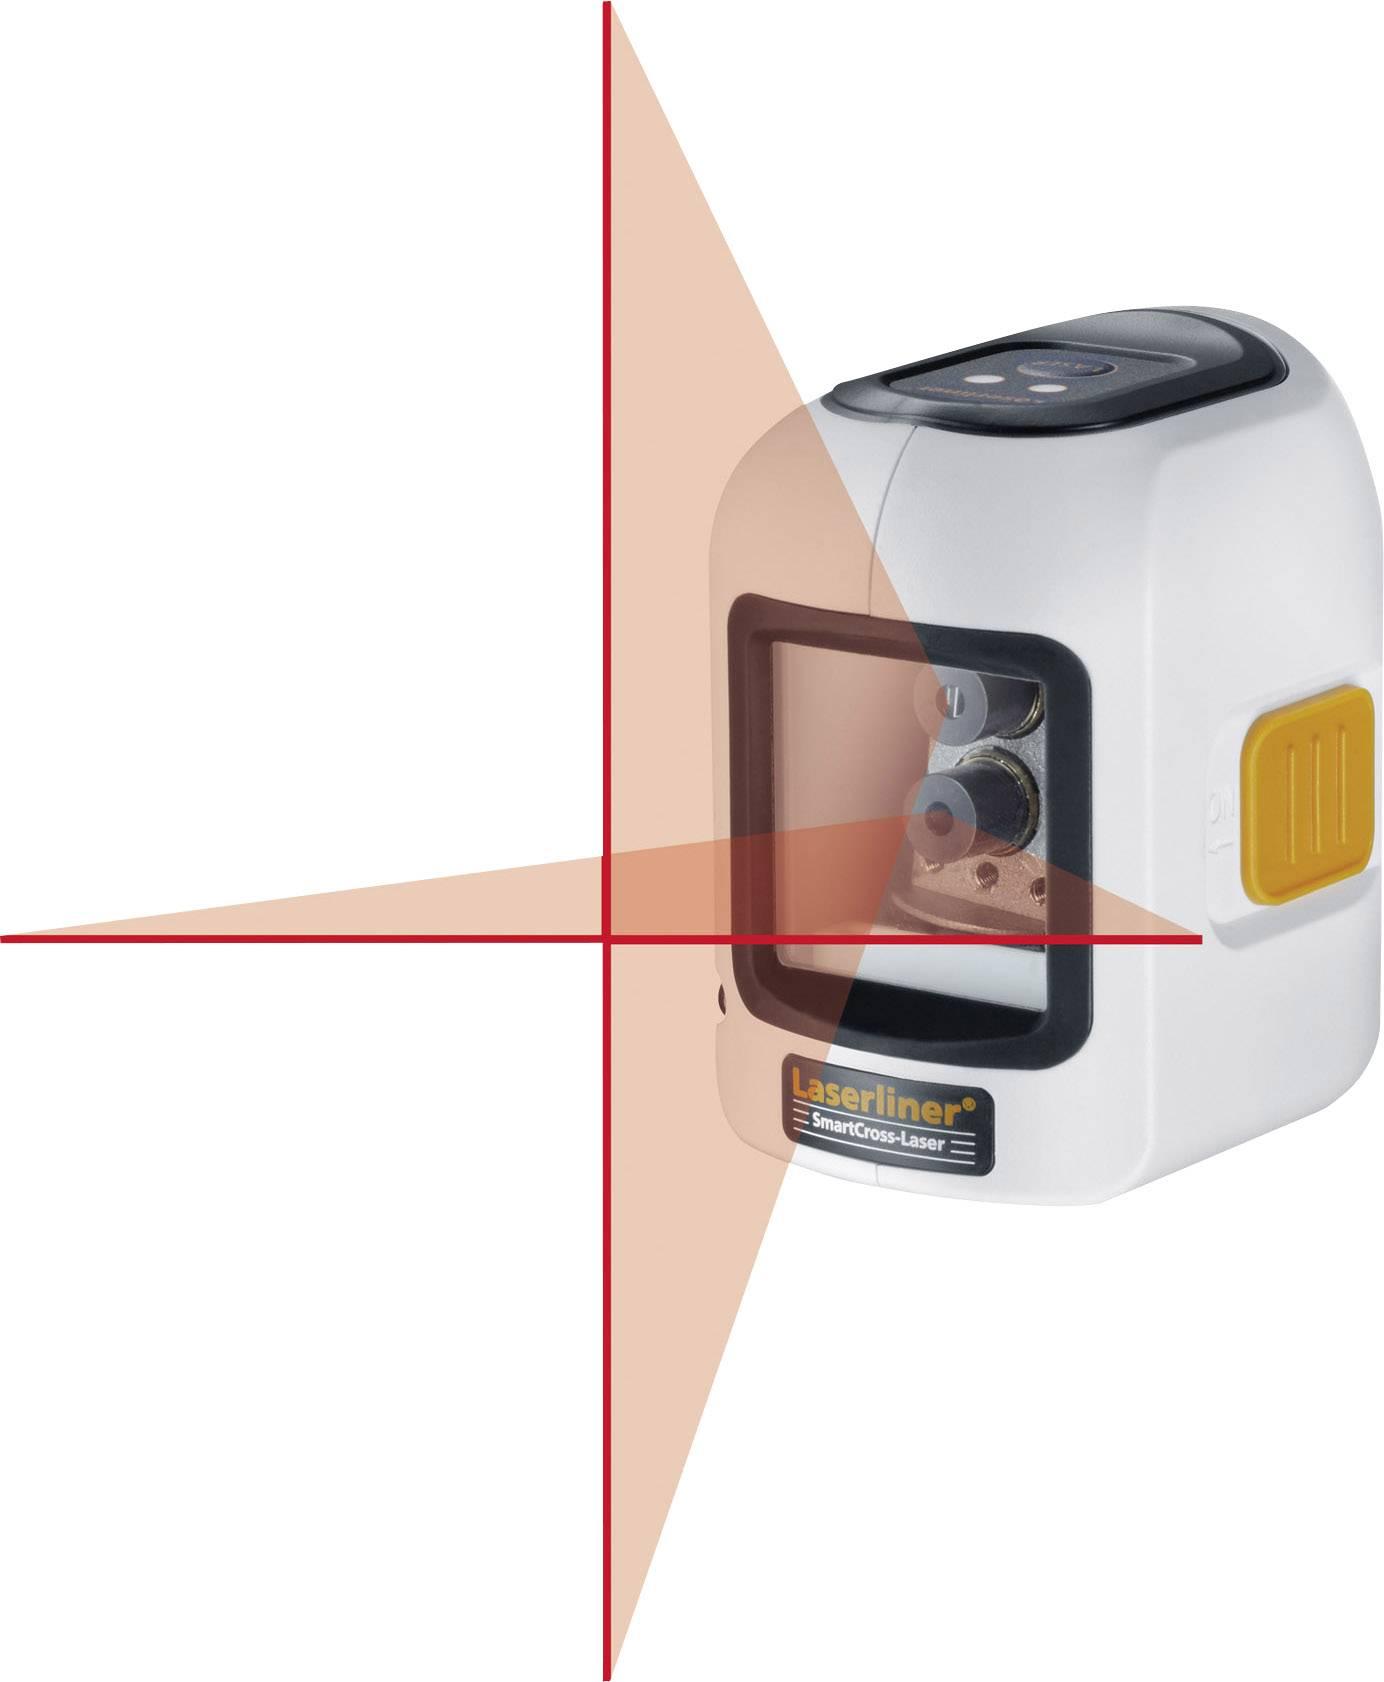 Fantastisk Krydslinjelaser Selvnivellerende Laserliner SmartCross-Laser GZ97